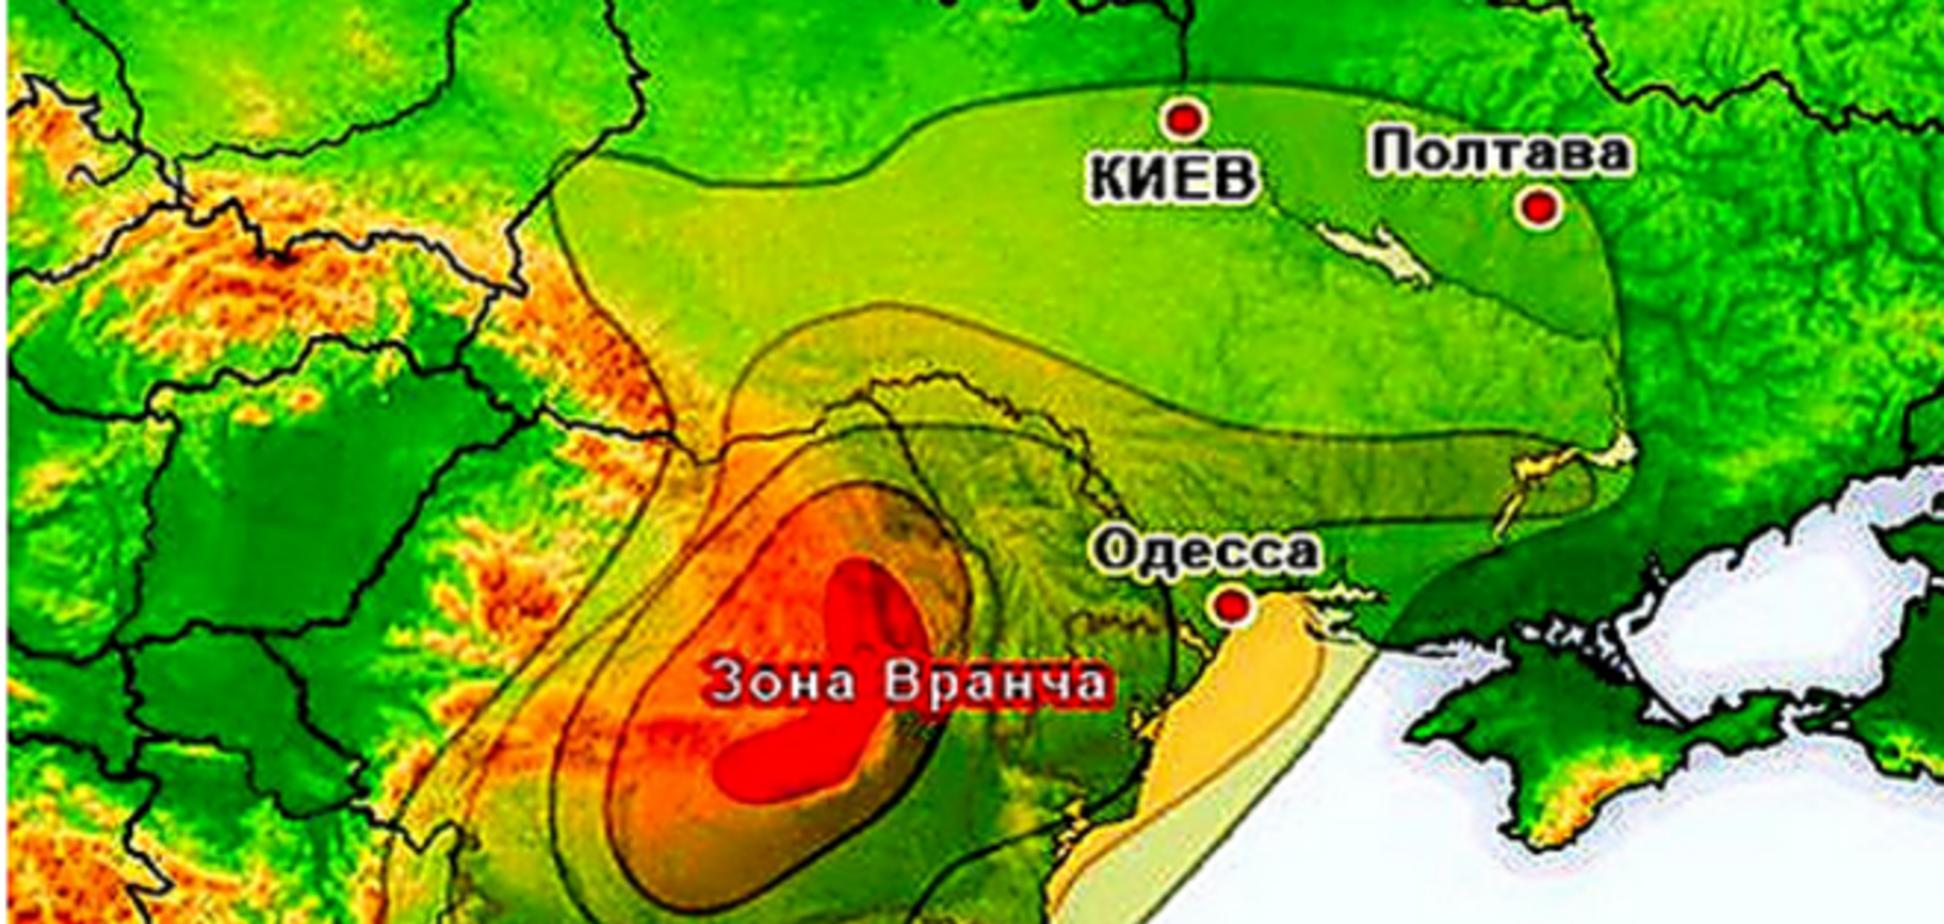 Сейсмолог об опасности землетрясения в Украине: Одесская область в зоне риска